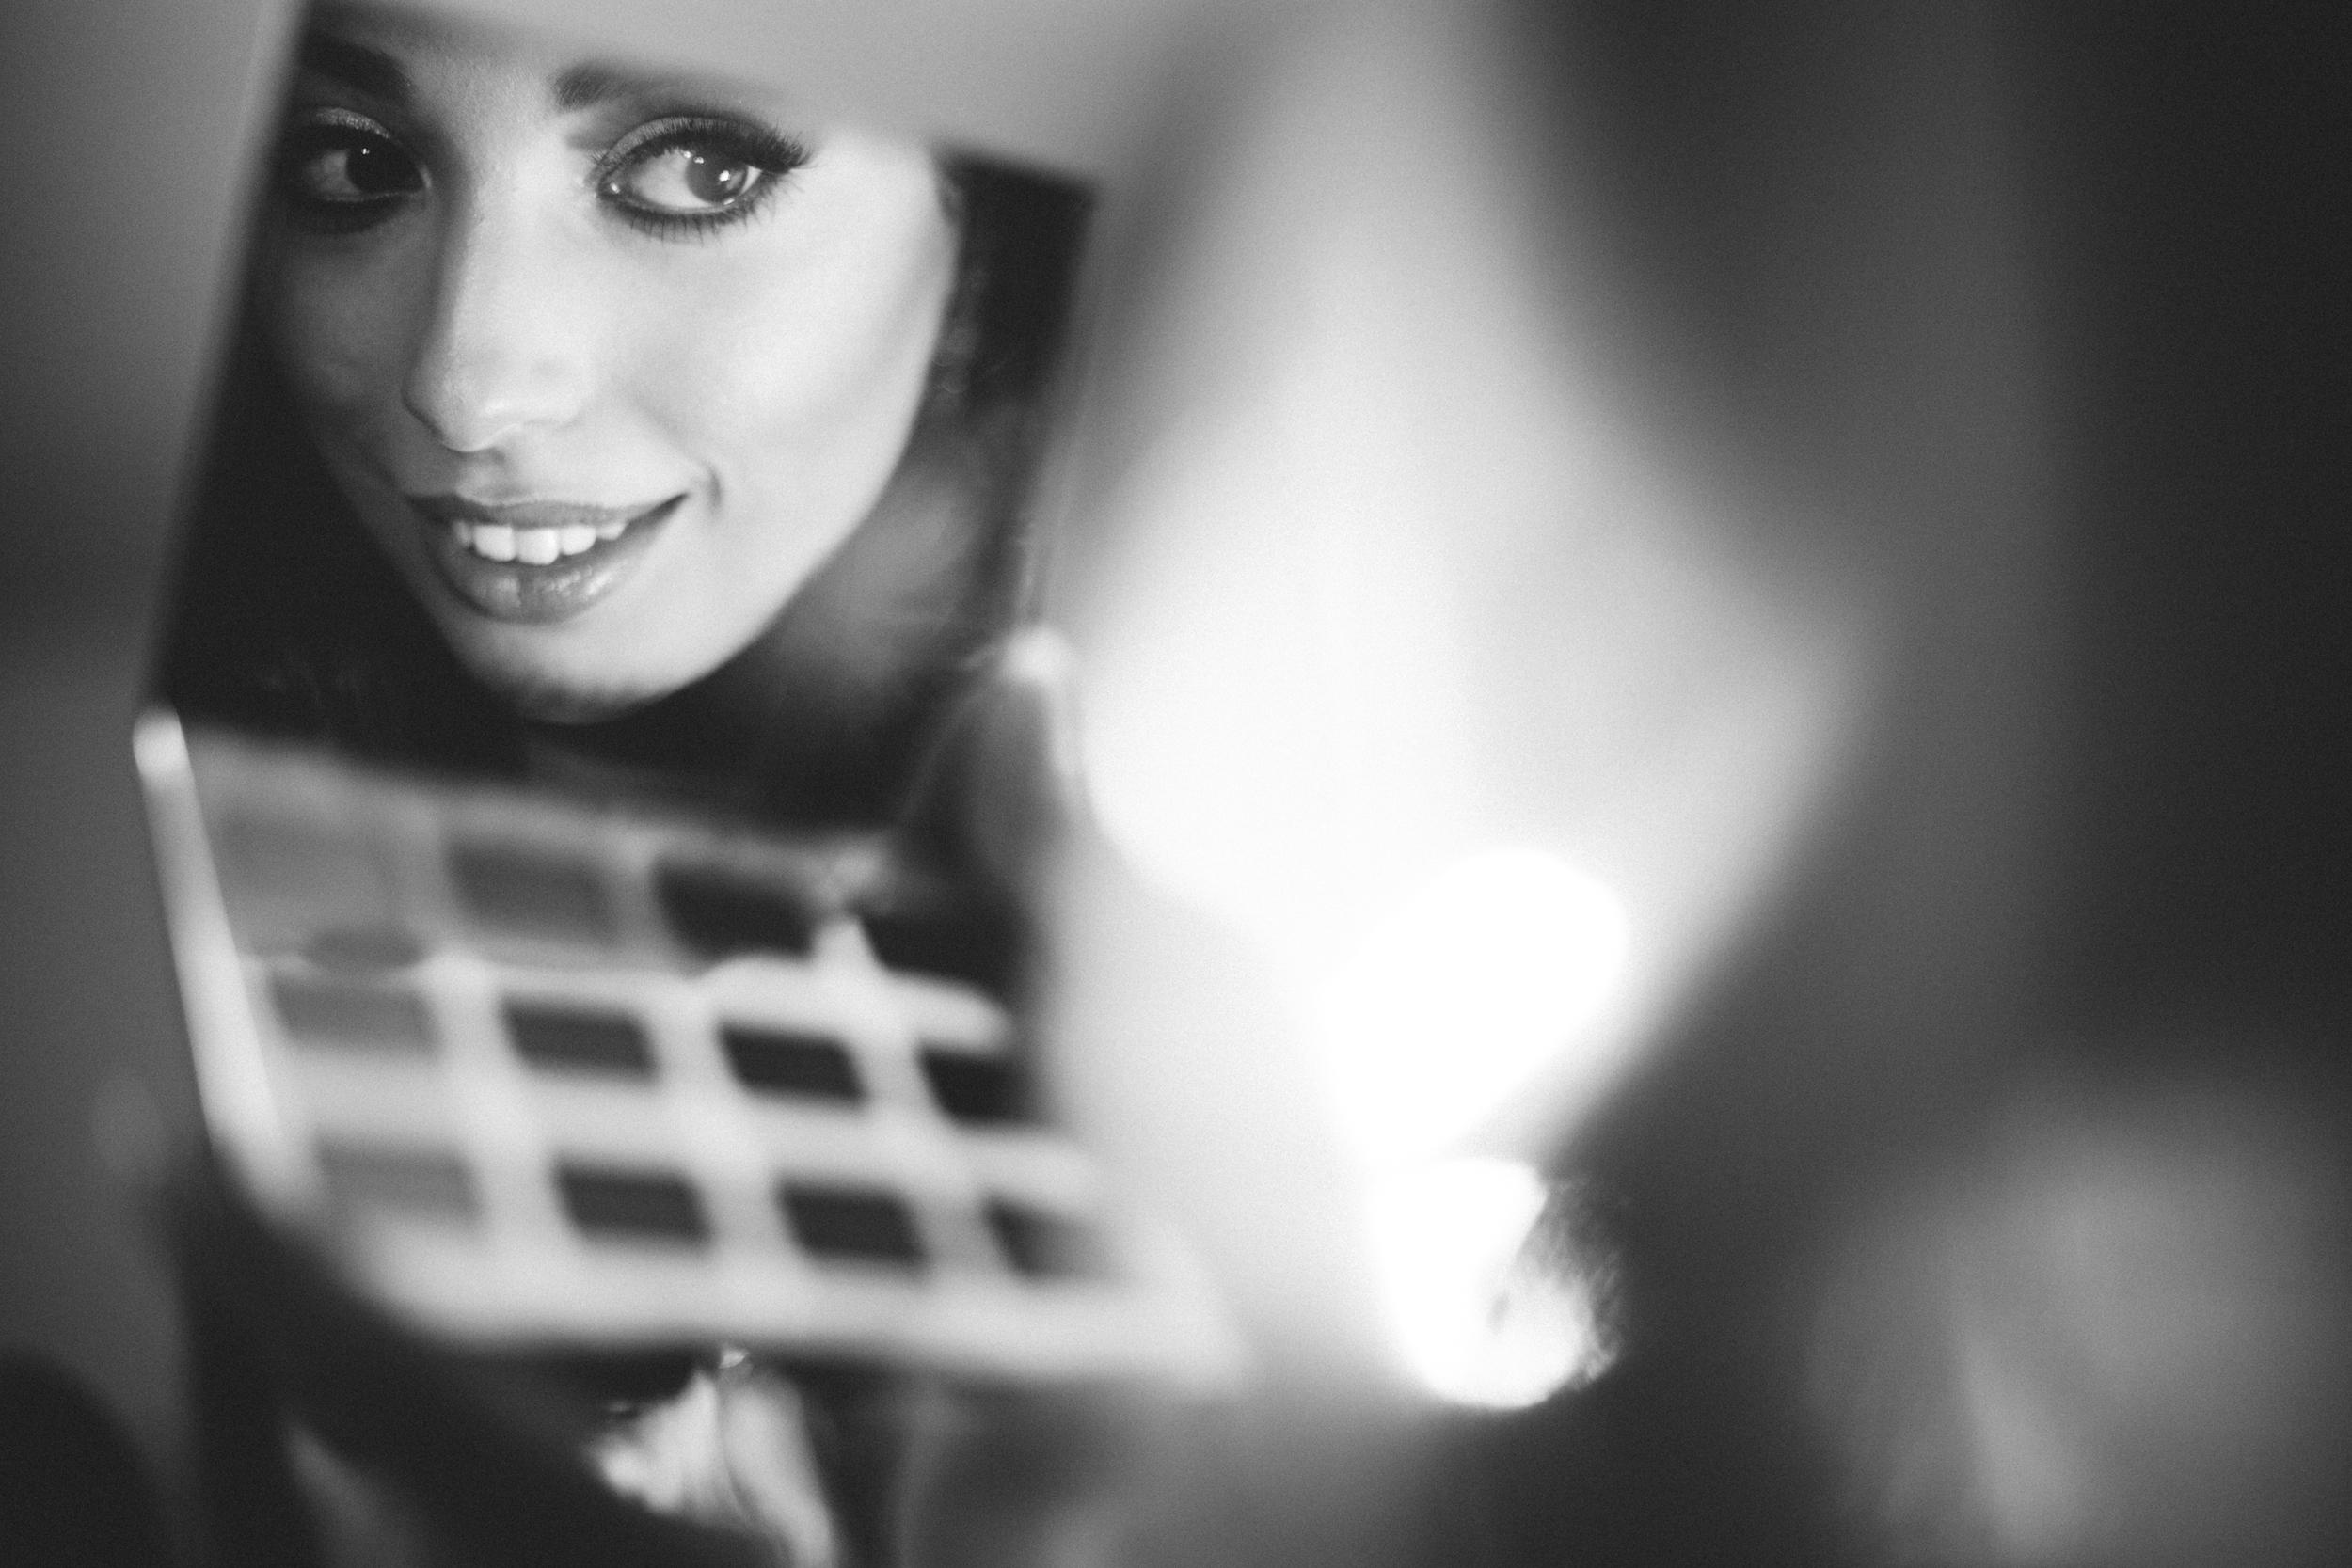 Wedding Etya & Sergey - Eliau Piha studio photography, new york, events, people-0089.jpg